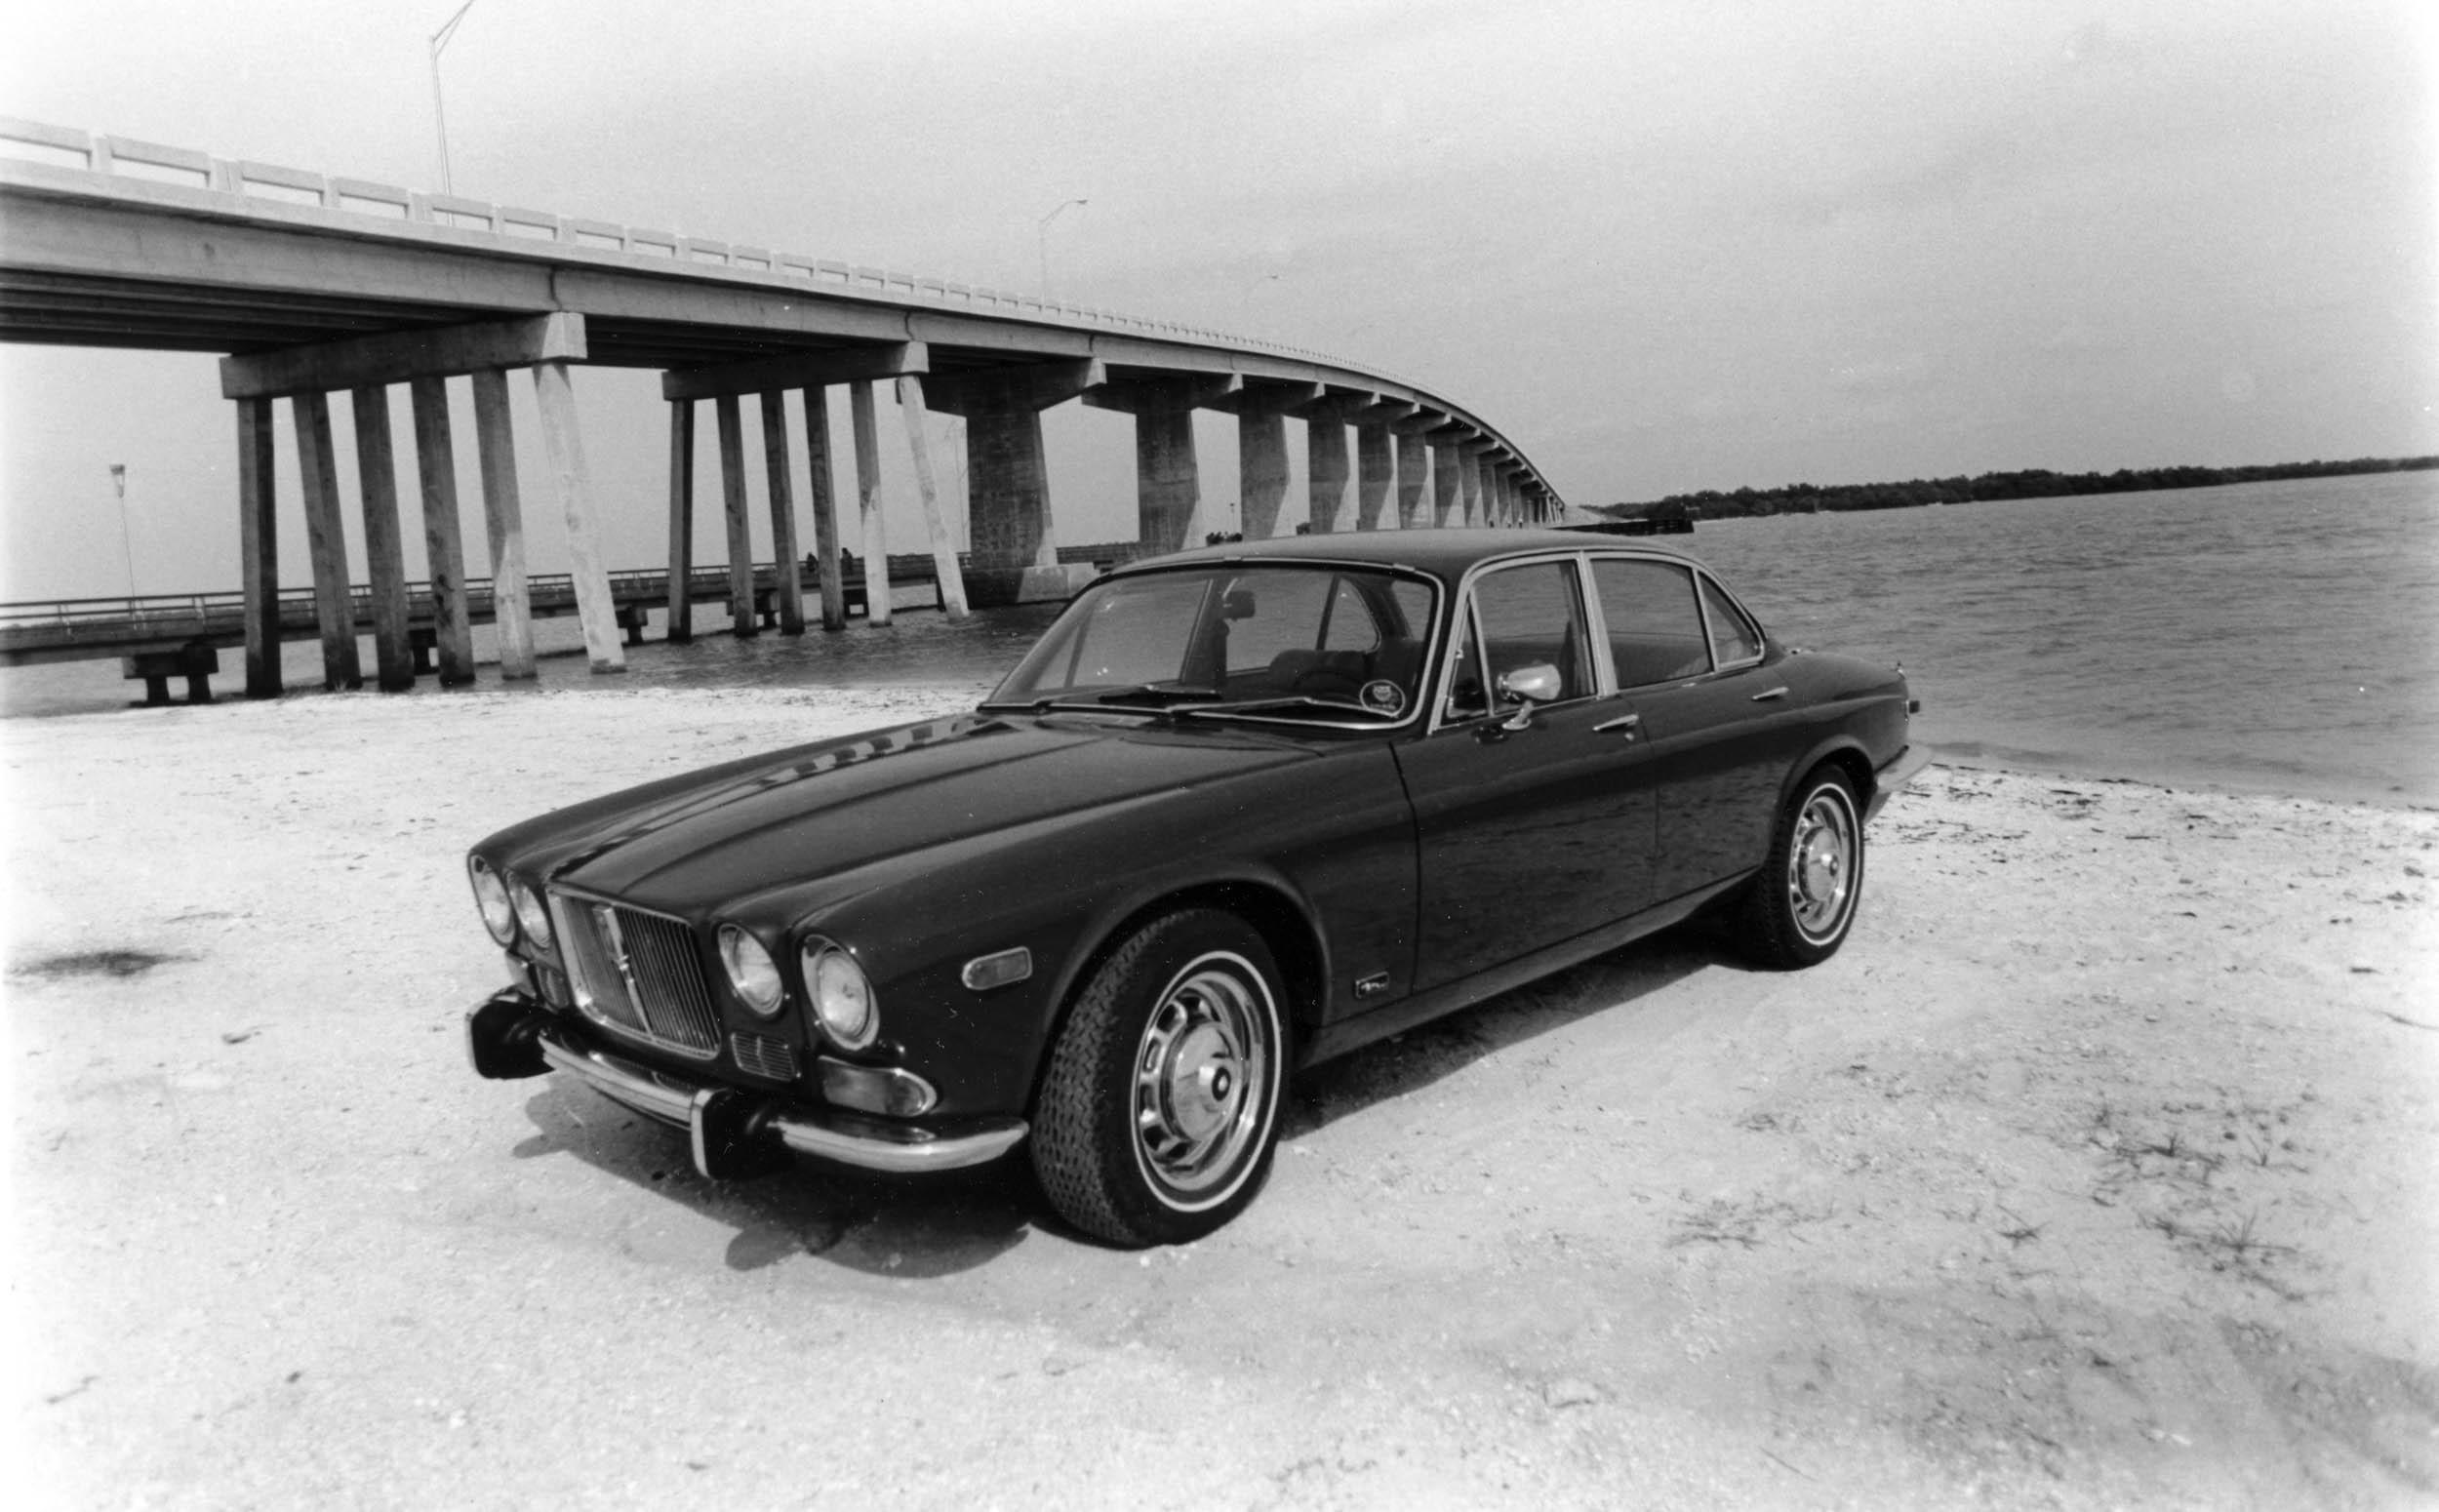 1972 XJ12 Series I